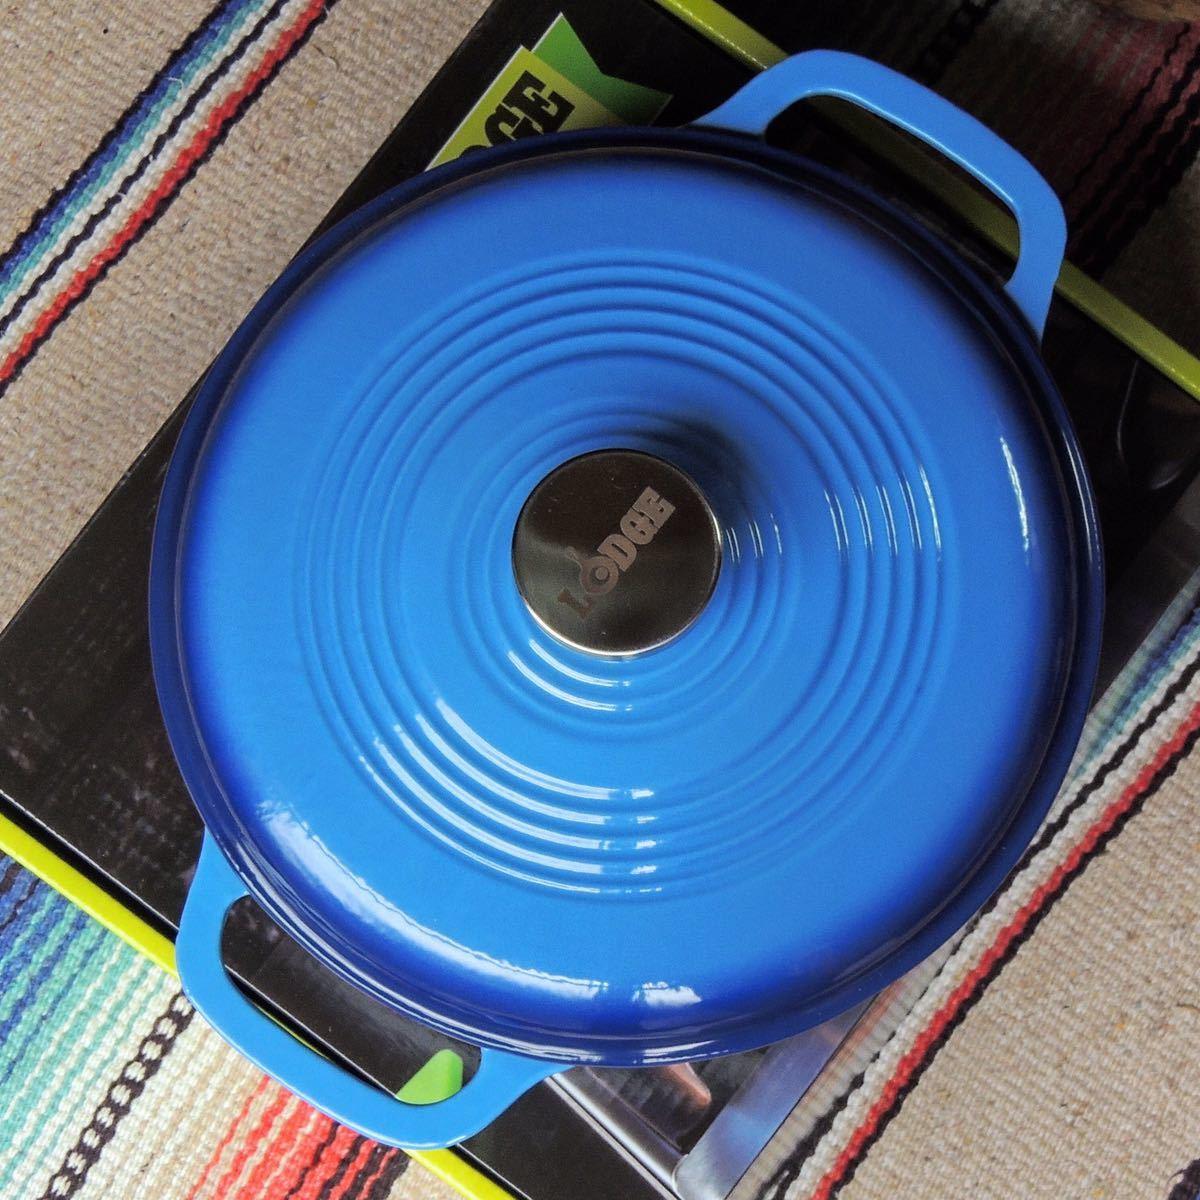 ロッジLODGEエナメルダッチオーブン3qt(2.8L)ブルー琺瑯ホーロー鍋両手鍋IH対応 キッチン 調理器具 正規品